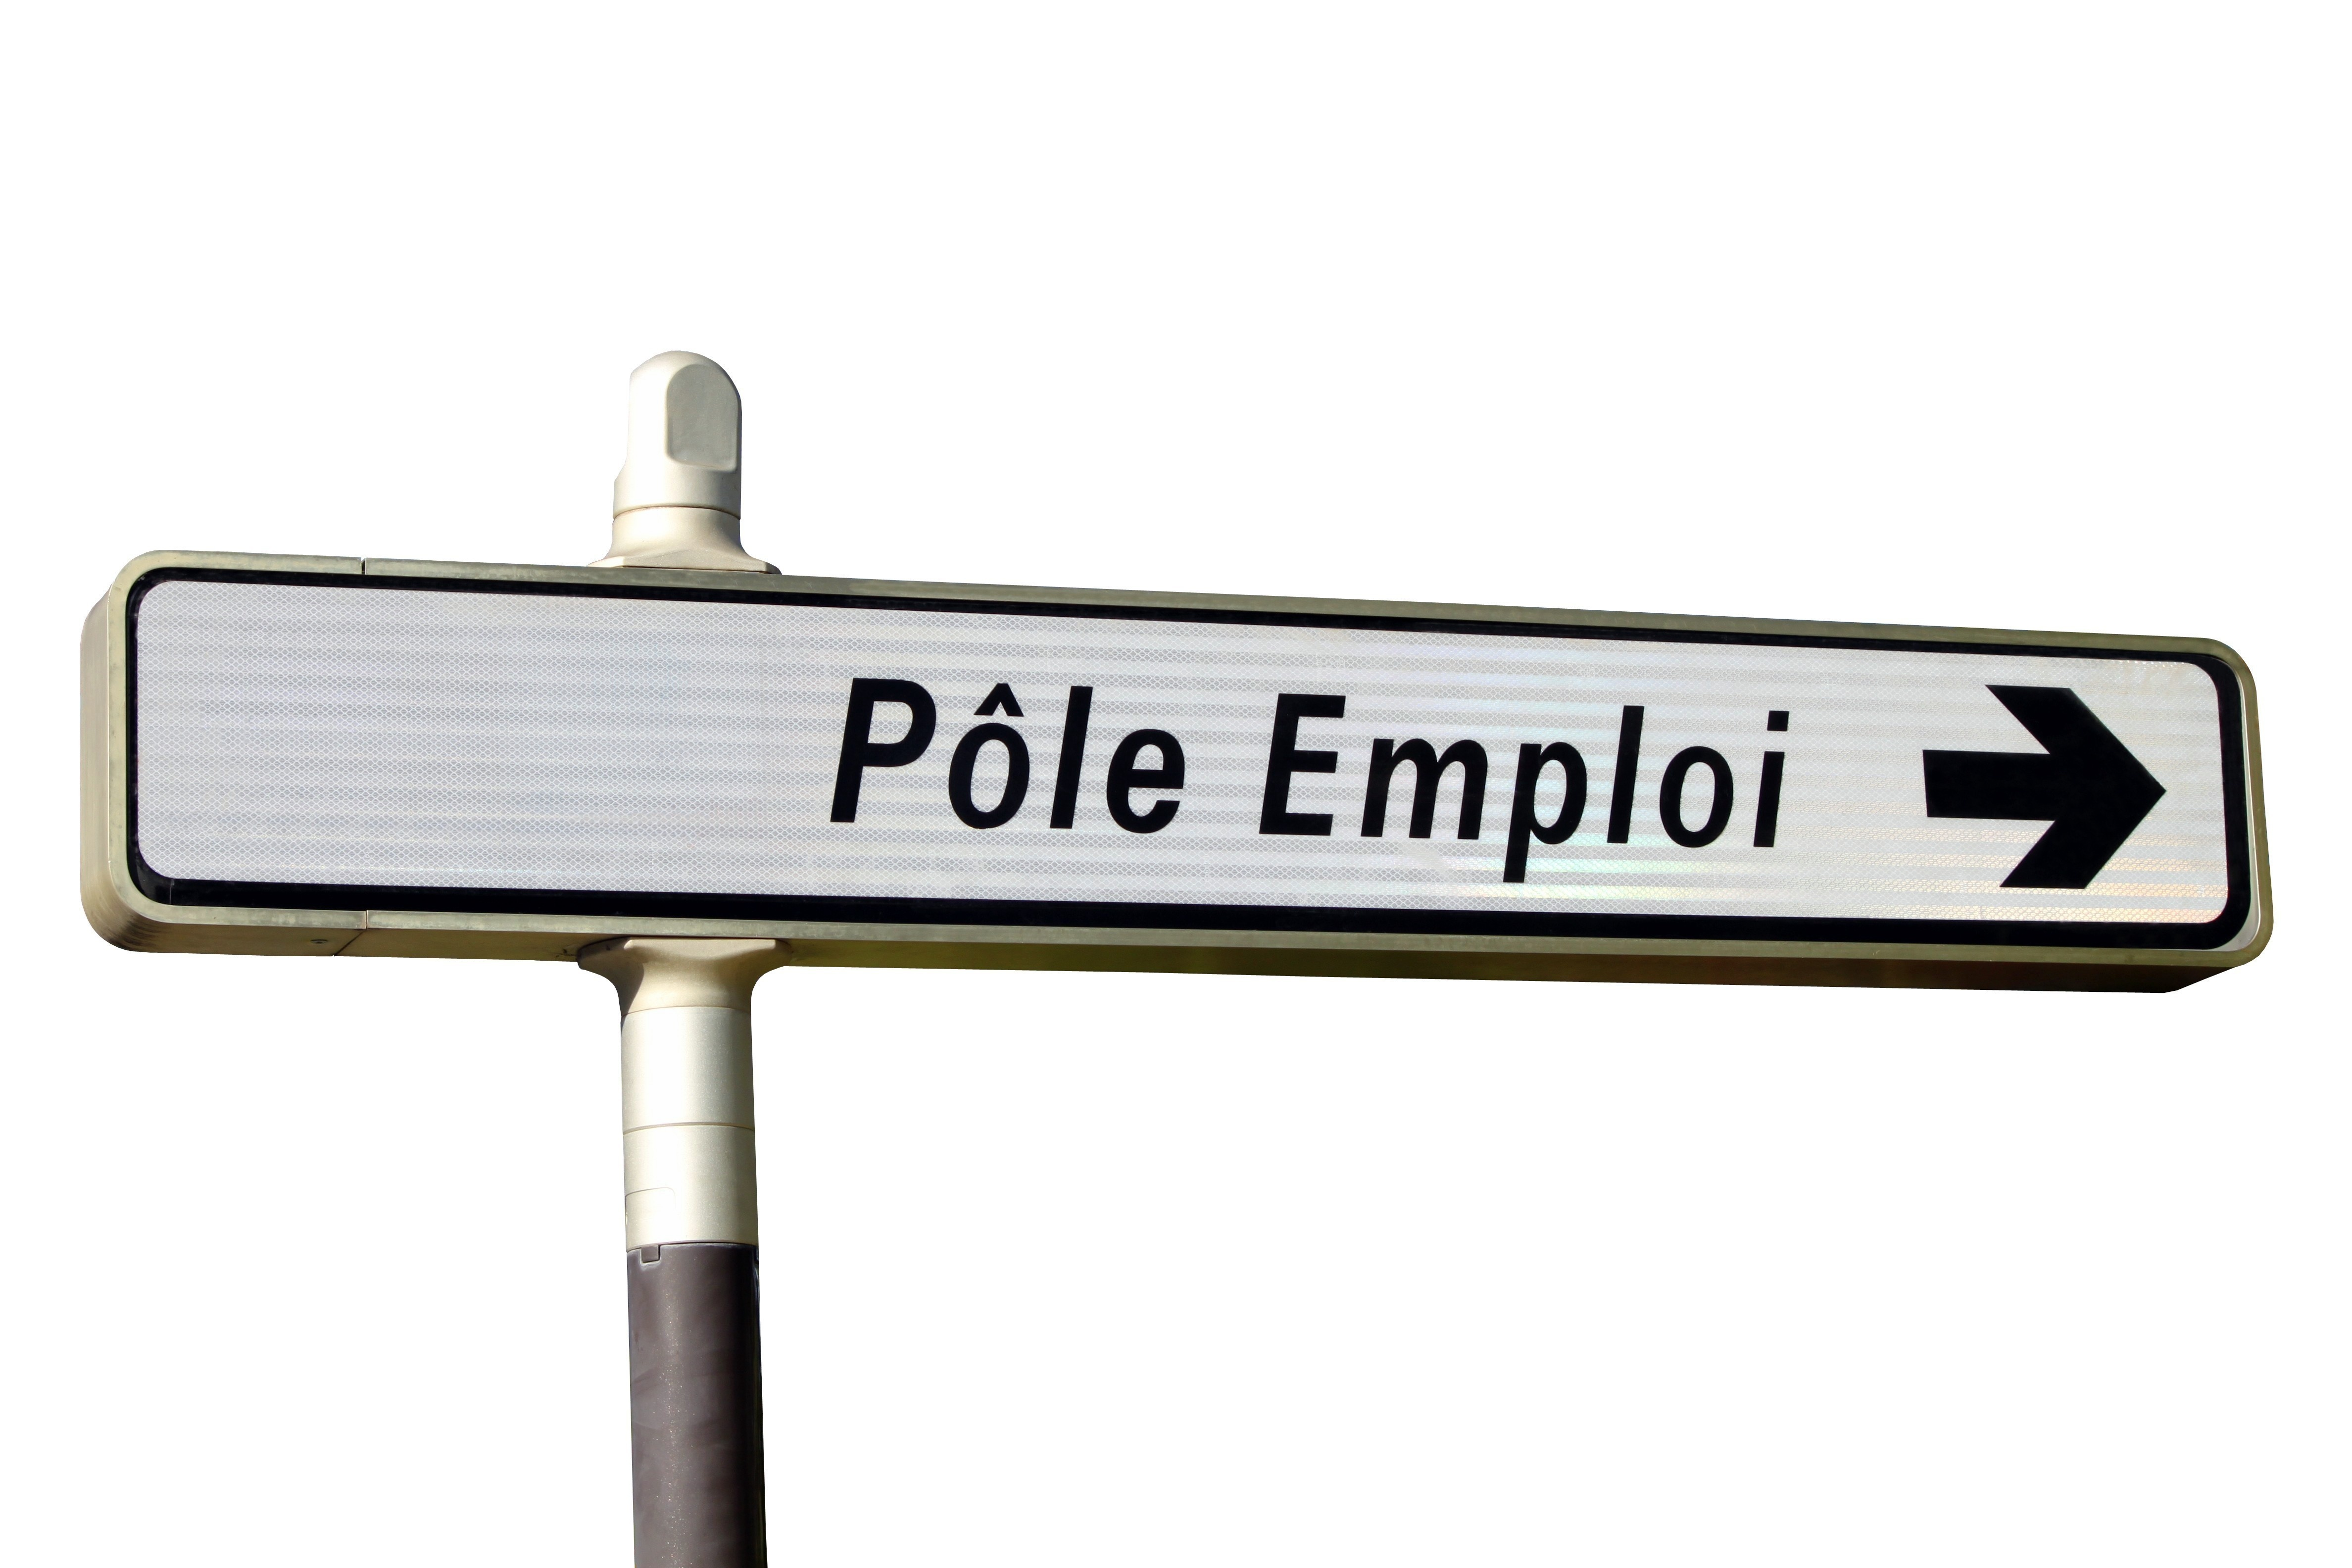 actualisation au p u00f4le emploi   comment faire